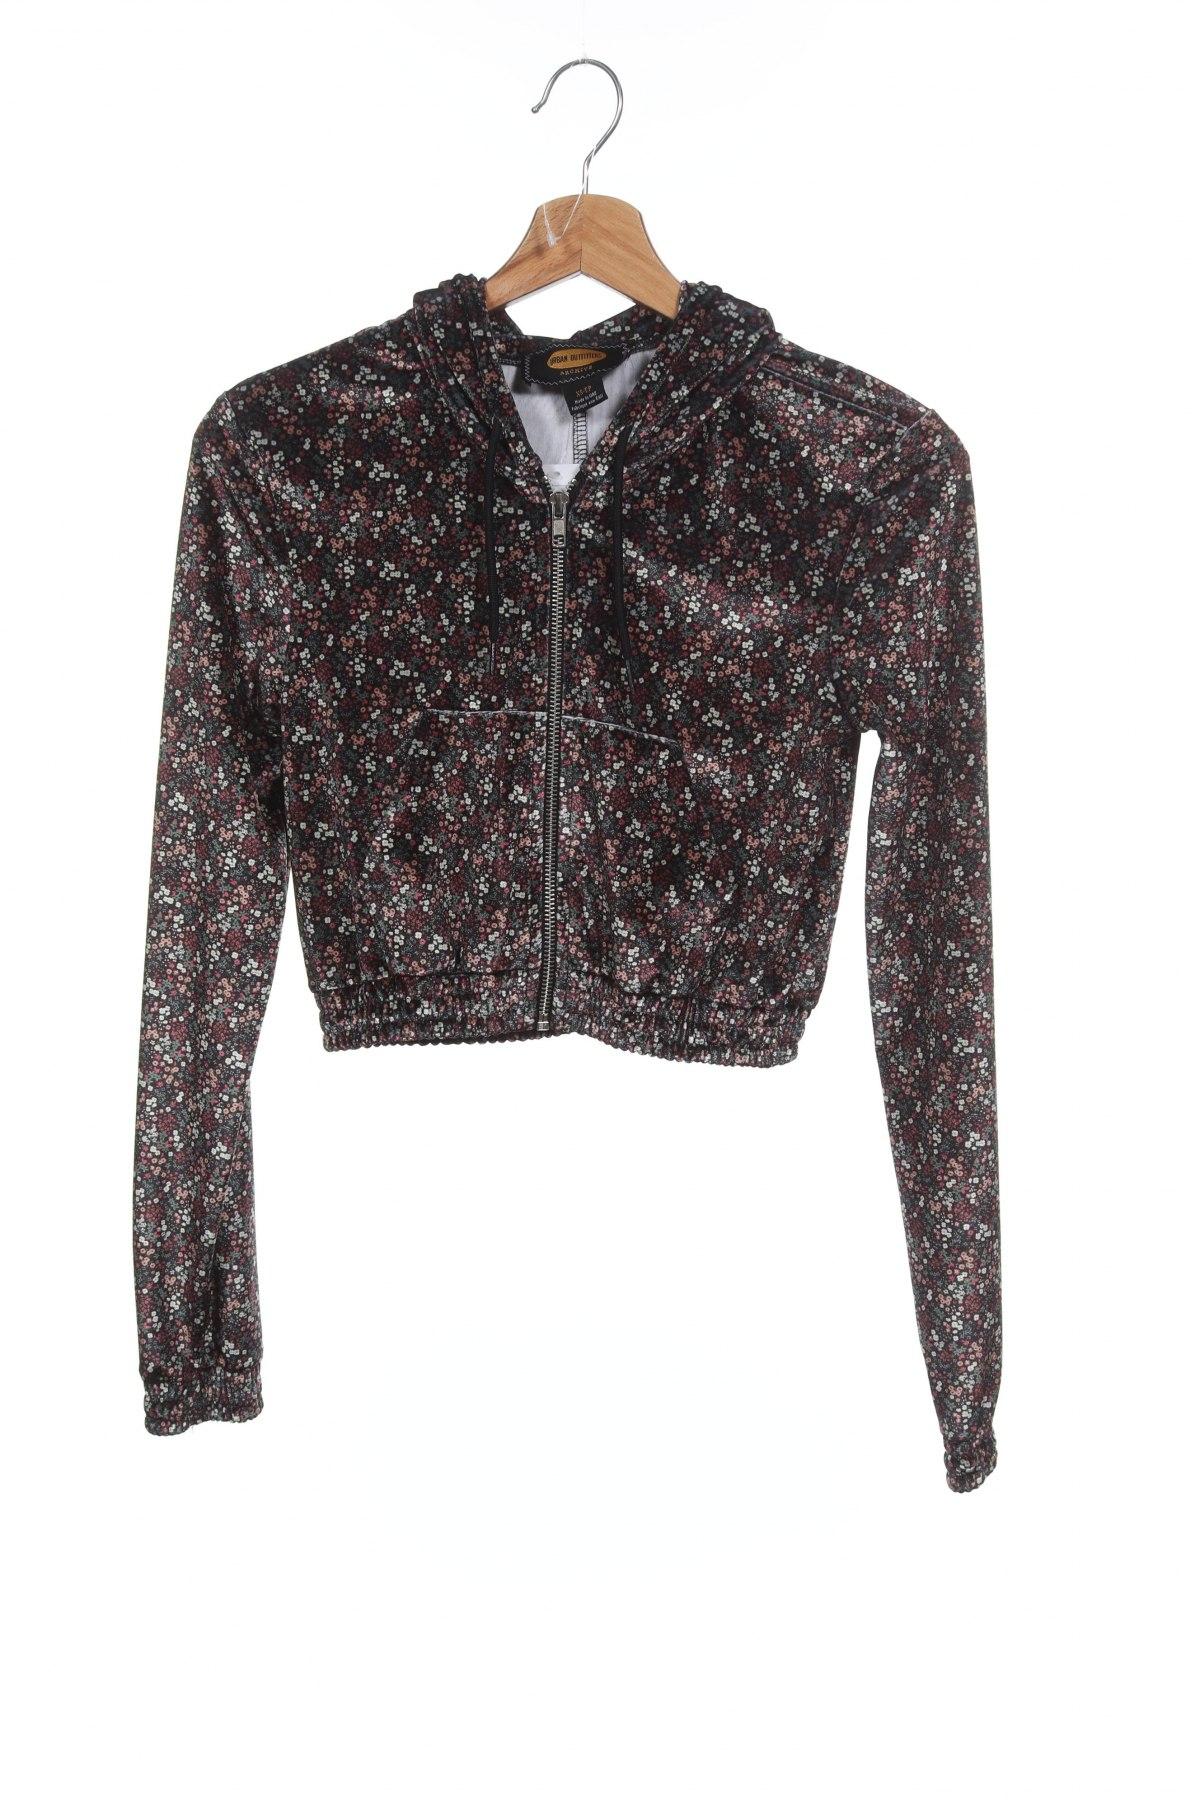 Дамски суичър Urban Outfitters, Размер XS, Цвят Многоцветен, 93% полиестер, 7% еластан, Цена 27,65лв.